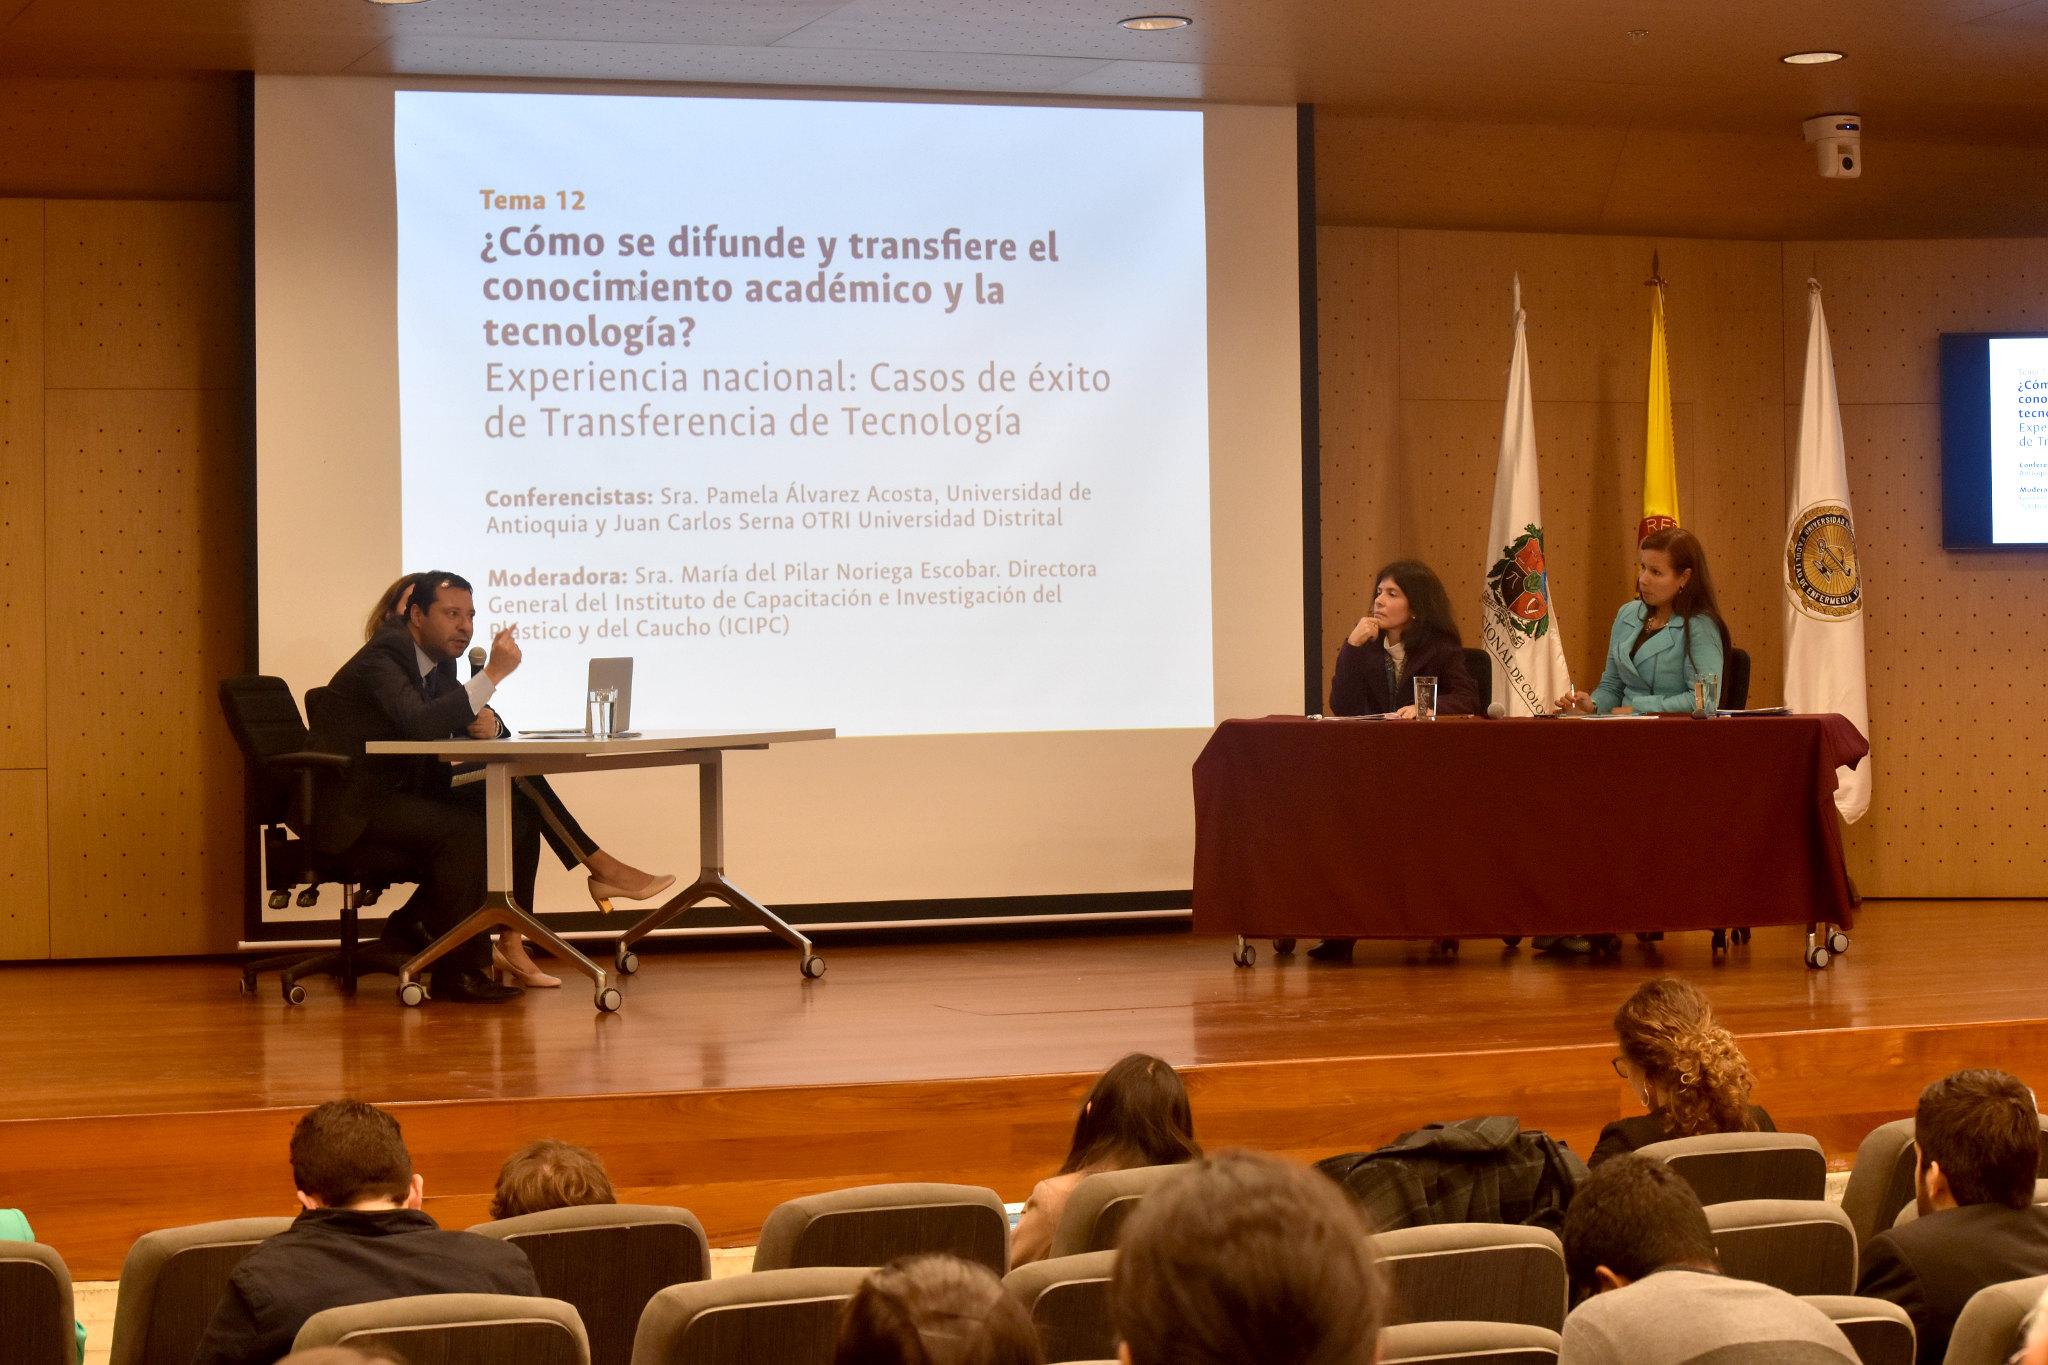 ¿Cómo se difunden y transfieren el conocimiento académico y la tecnología? (Foto: Aura Flechas / DNEIPI / Vicerrectoría de Investigación (VRI) - Universidad Nacional de Colombia)